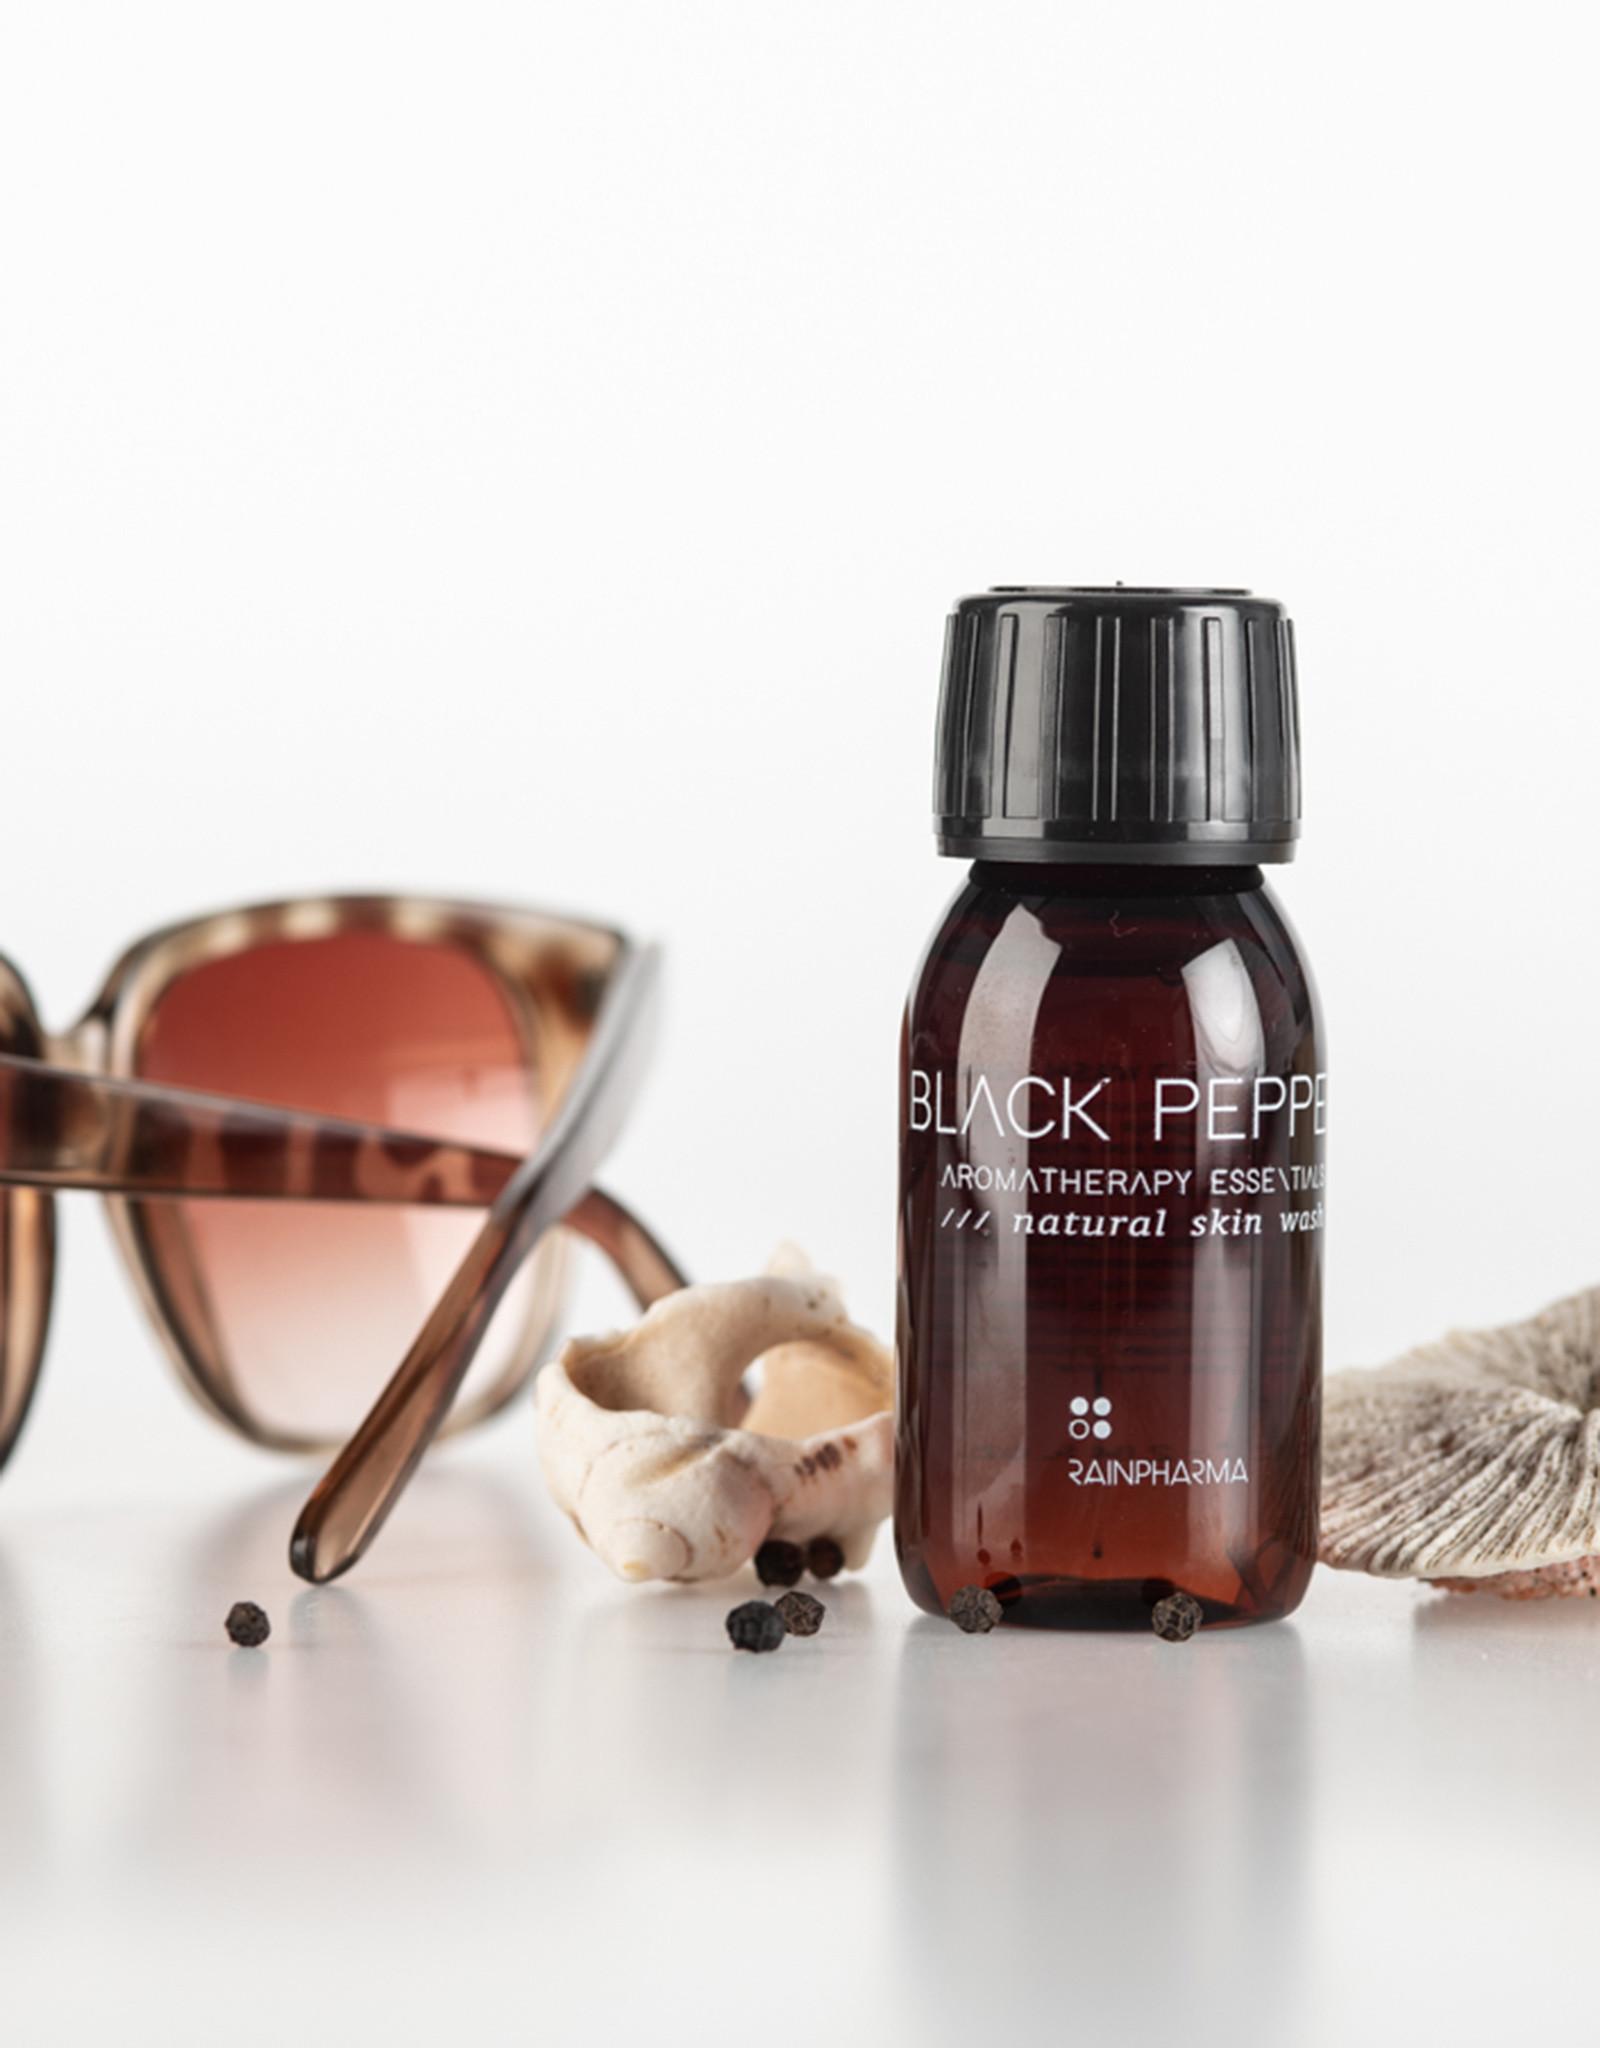 RainPharma Skin Wash Black Pepper 60ml - Rainpharma